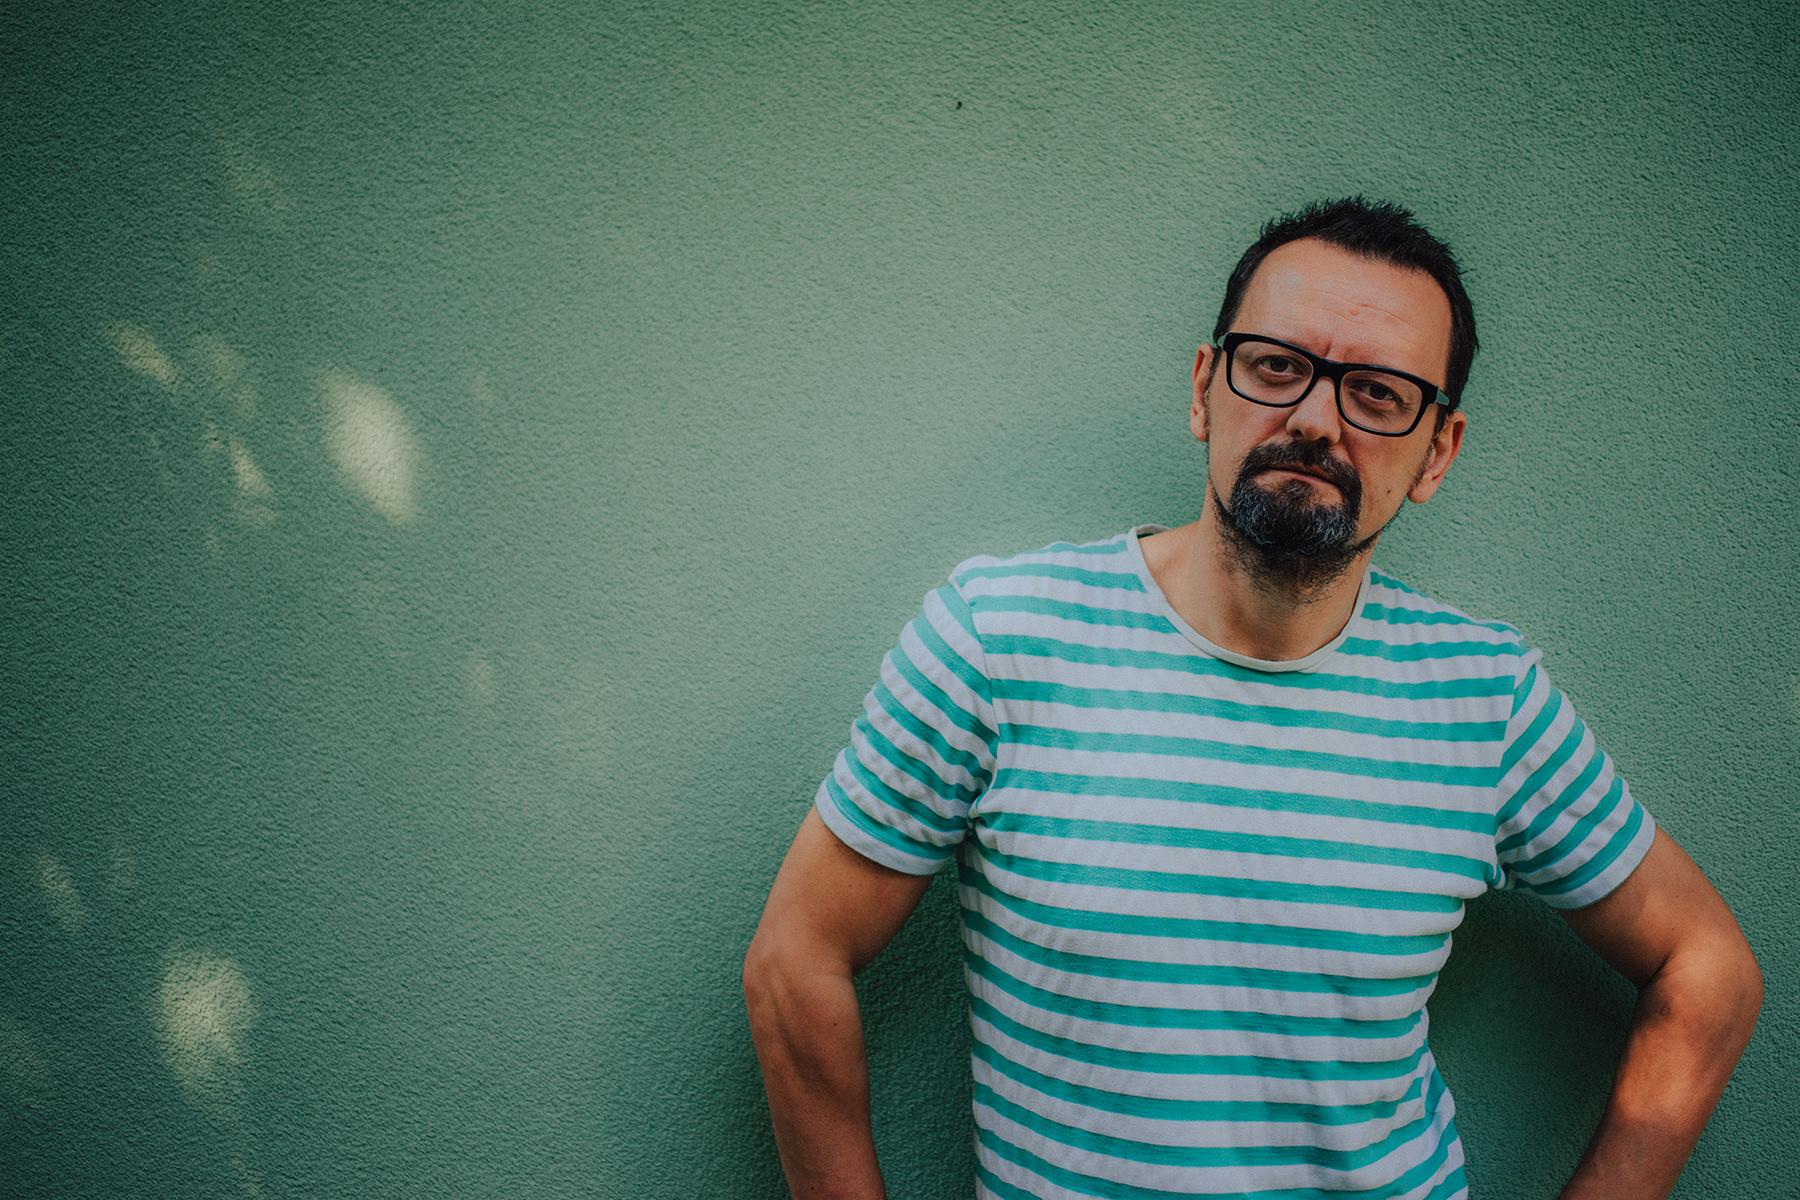 Aleksandar Surbatovic